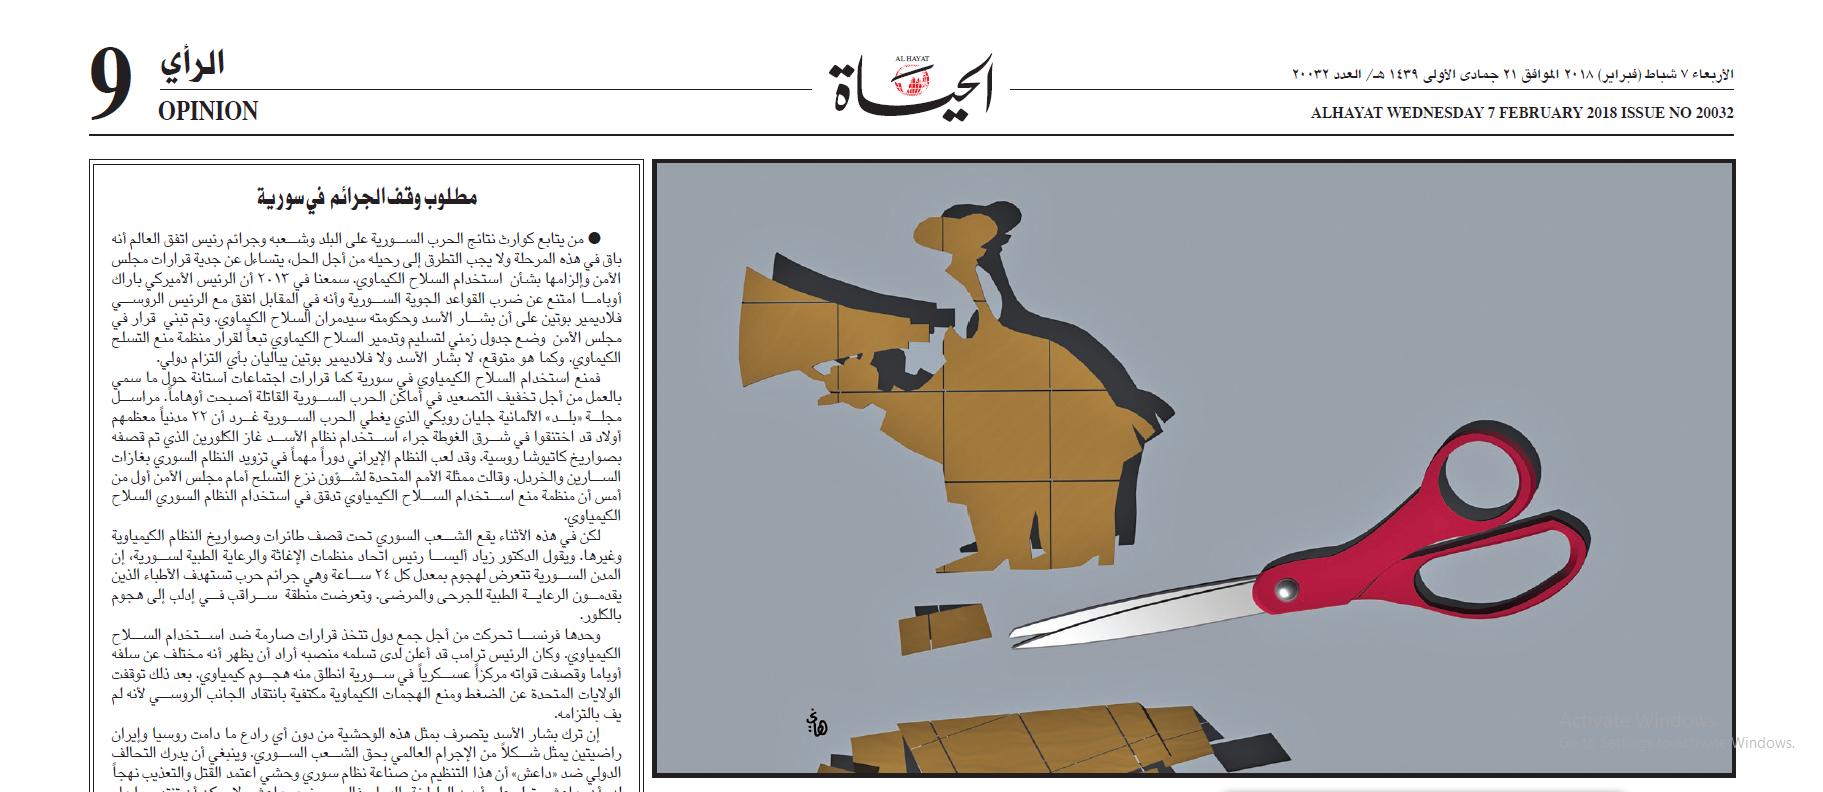 """روزنامہ """"الحیاۃ"""" : """"شام میں جرائم پر فل اسٹاپ درکار ہے"""""""